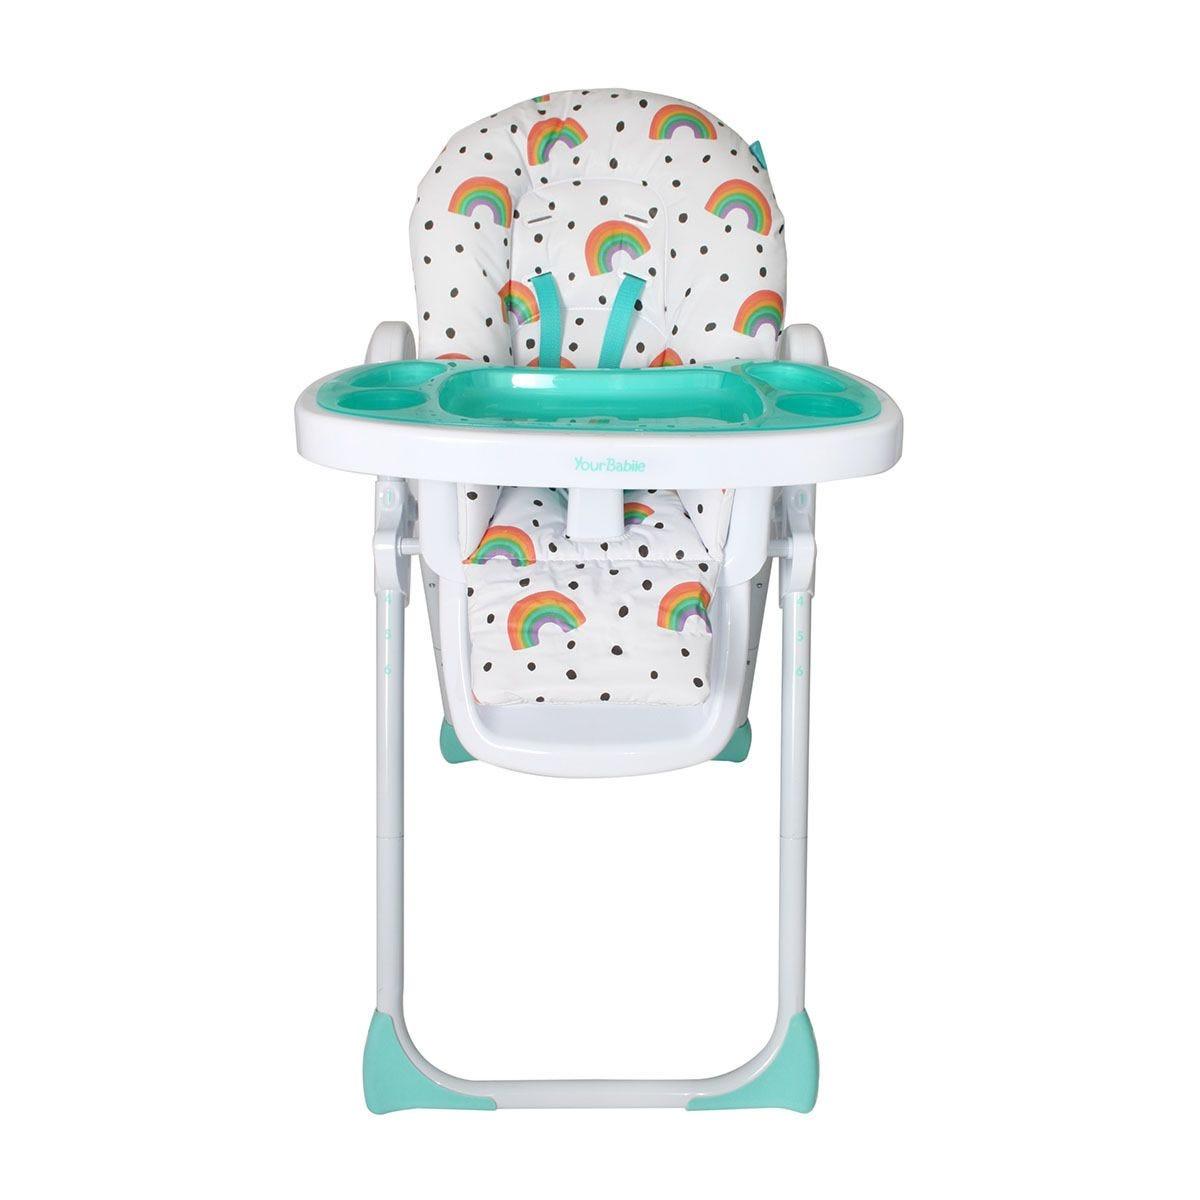 My Babiie Rainbow Premium Highchair - Multi